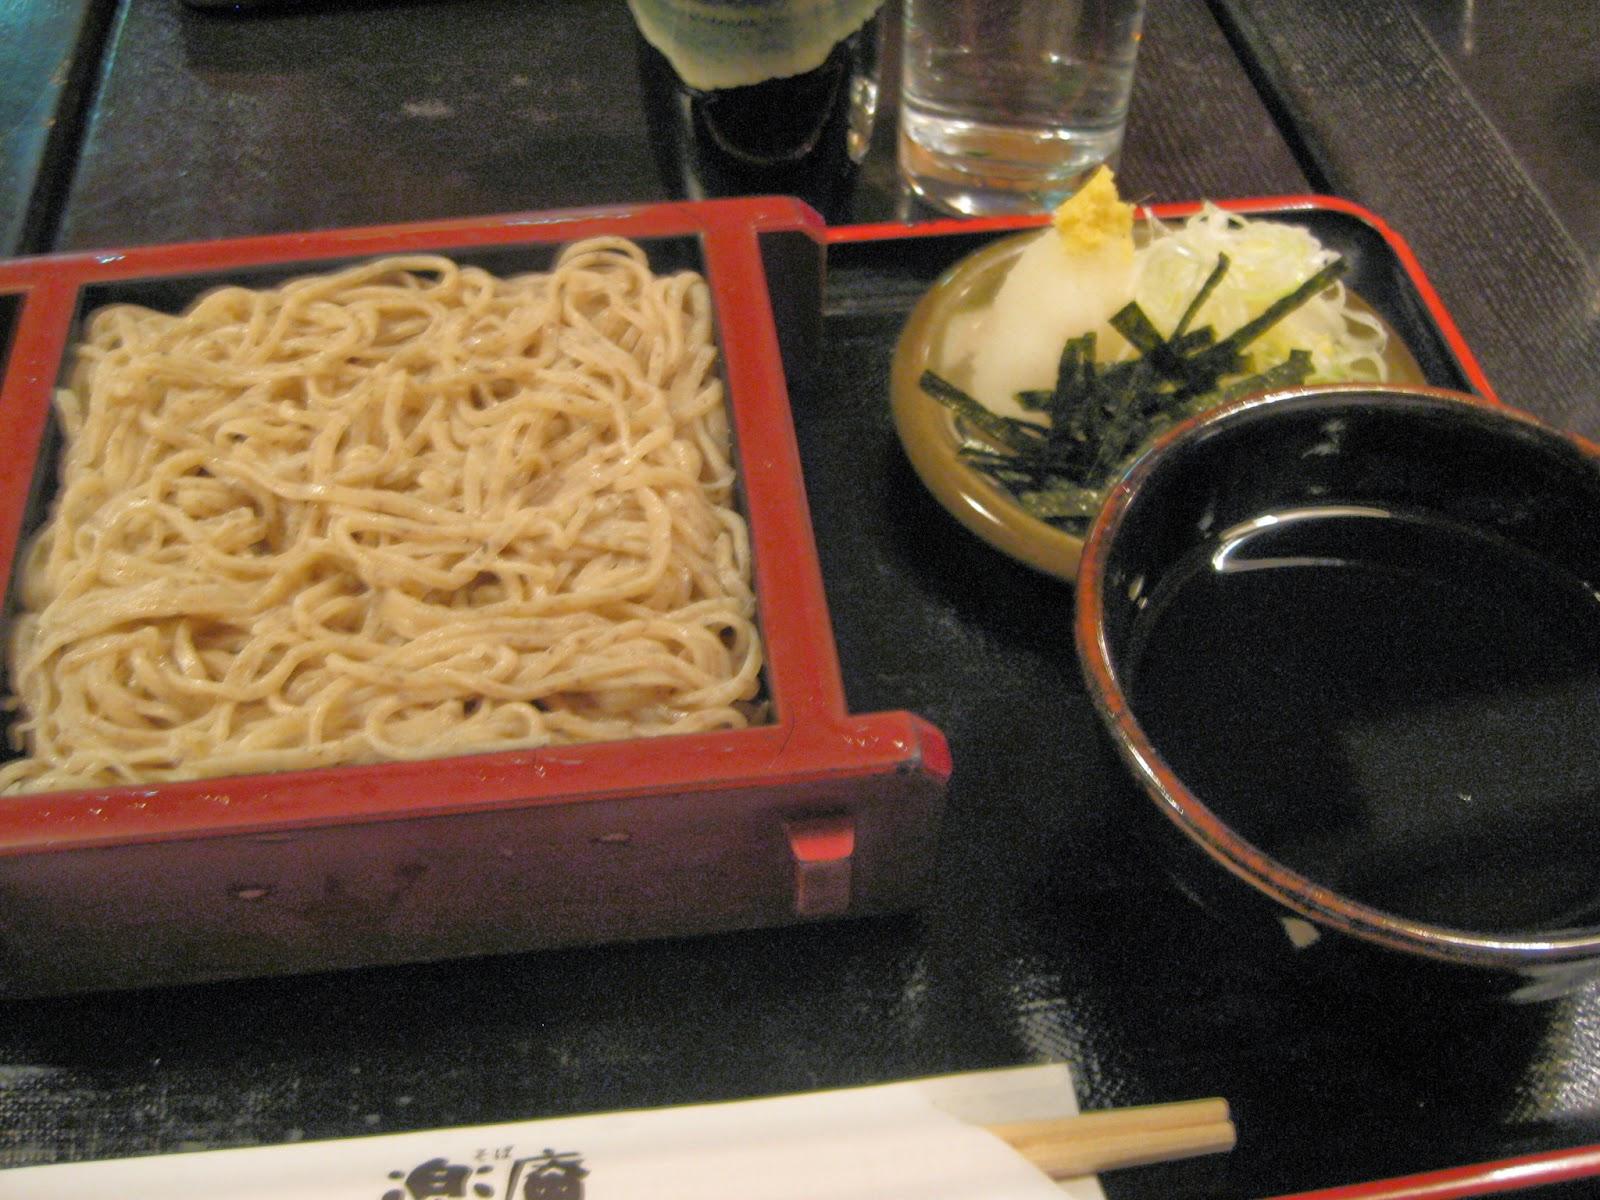 Tokyo - Soba noodles for dinner